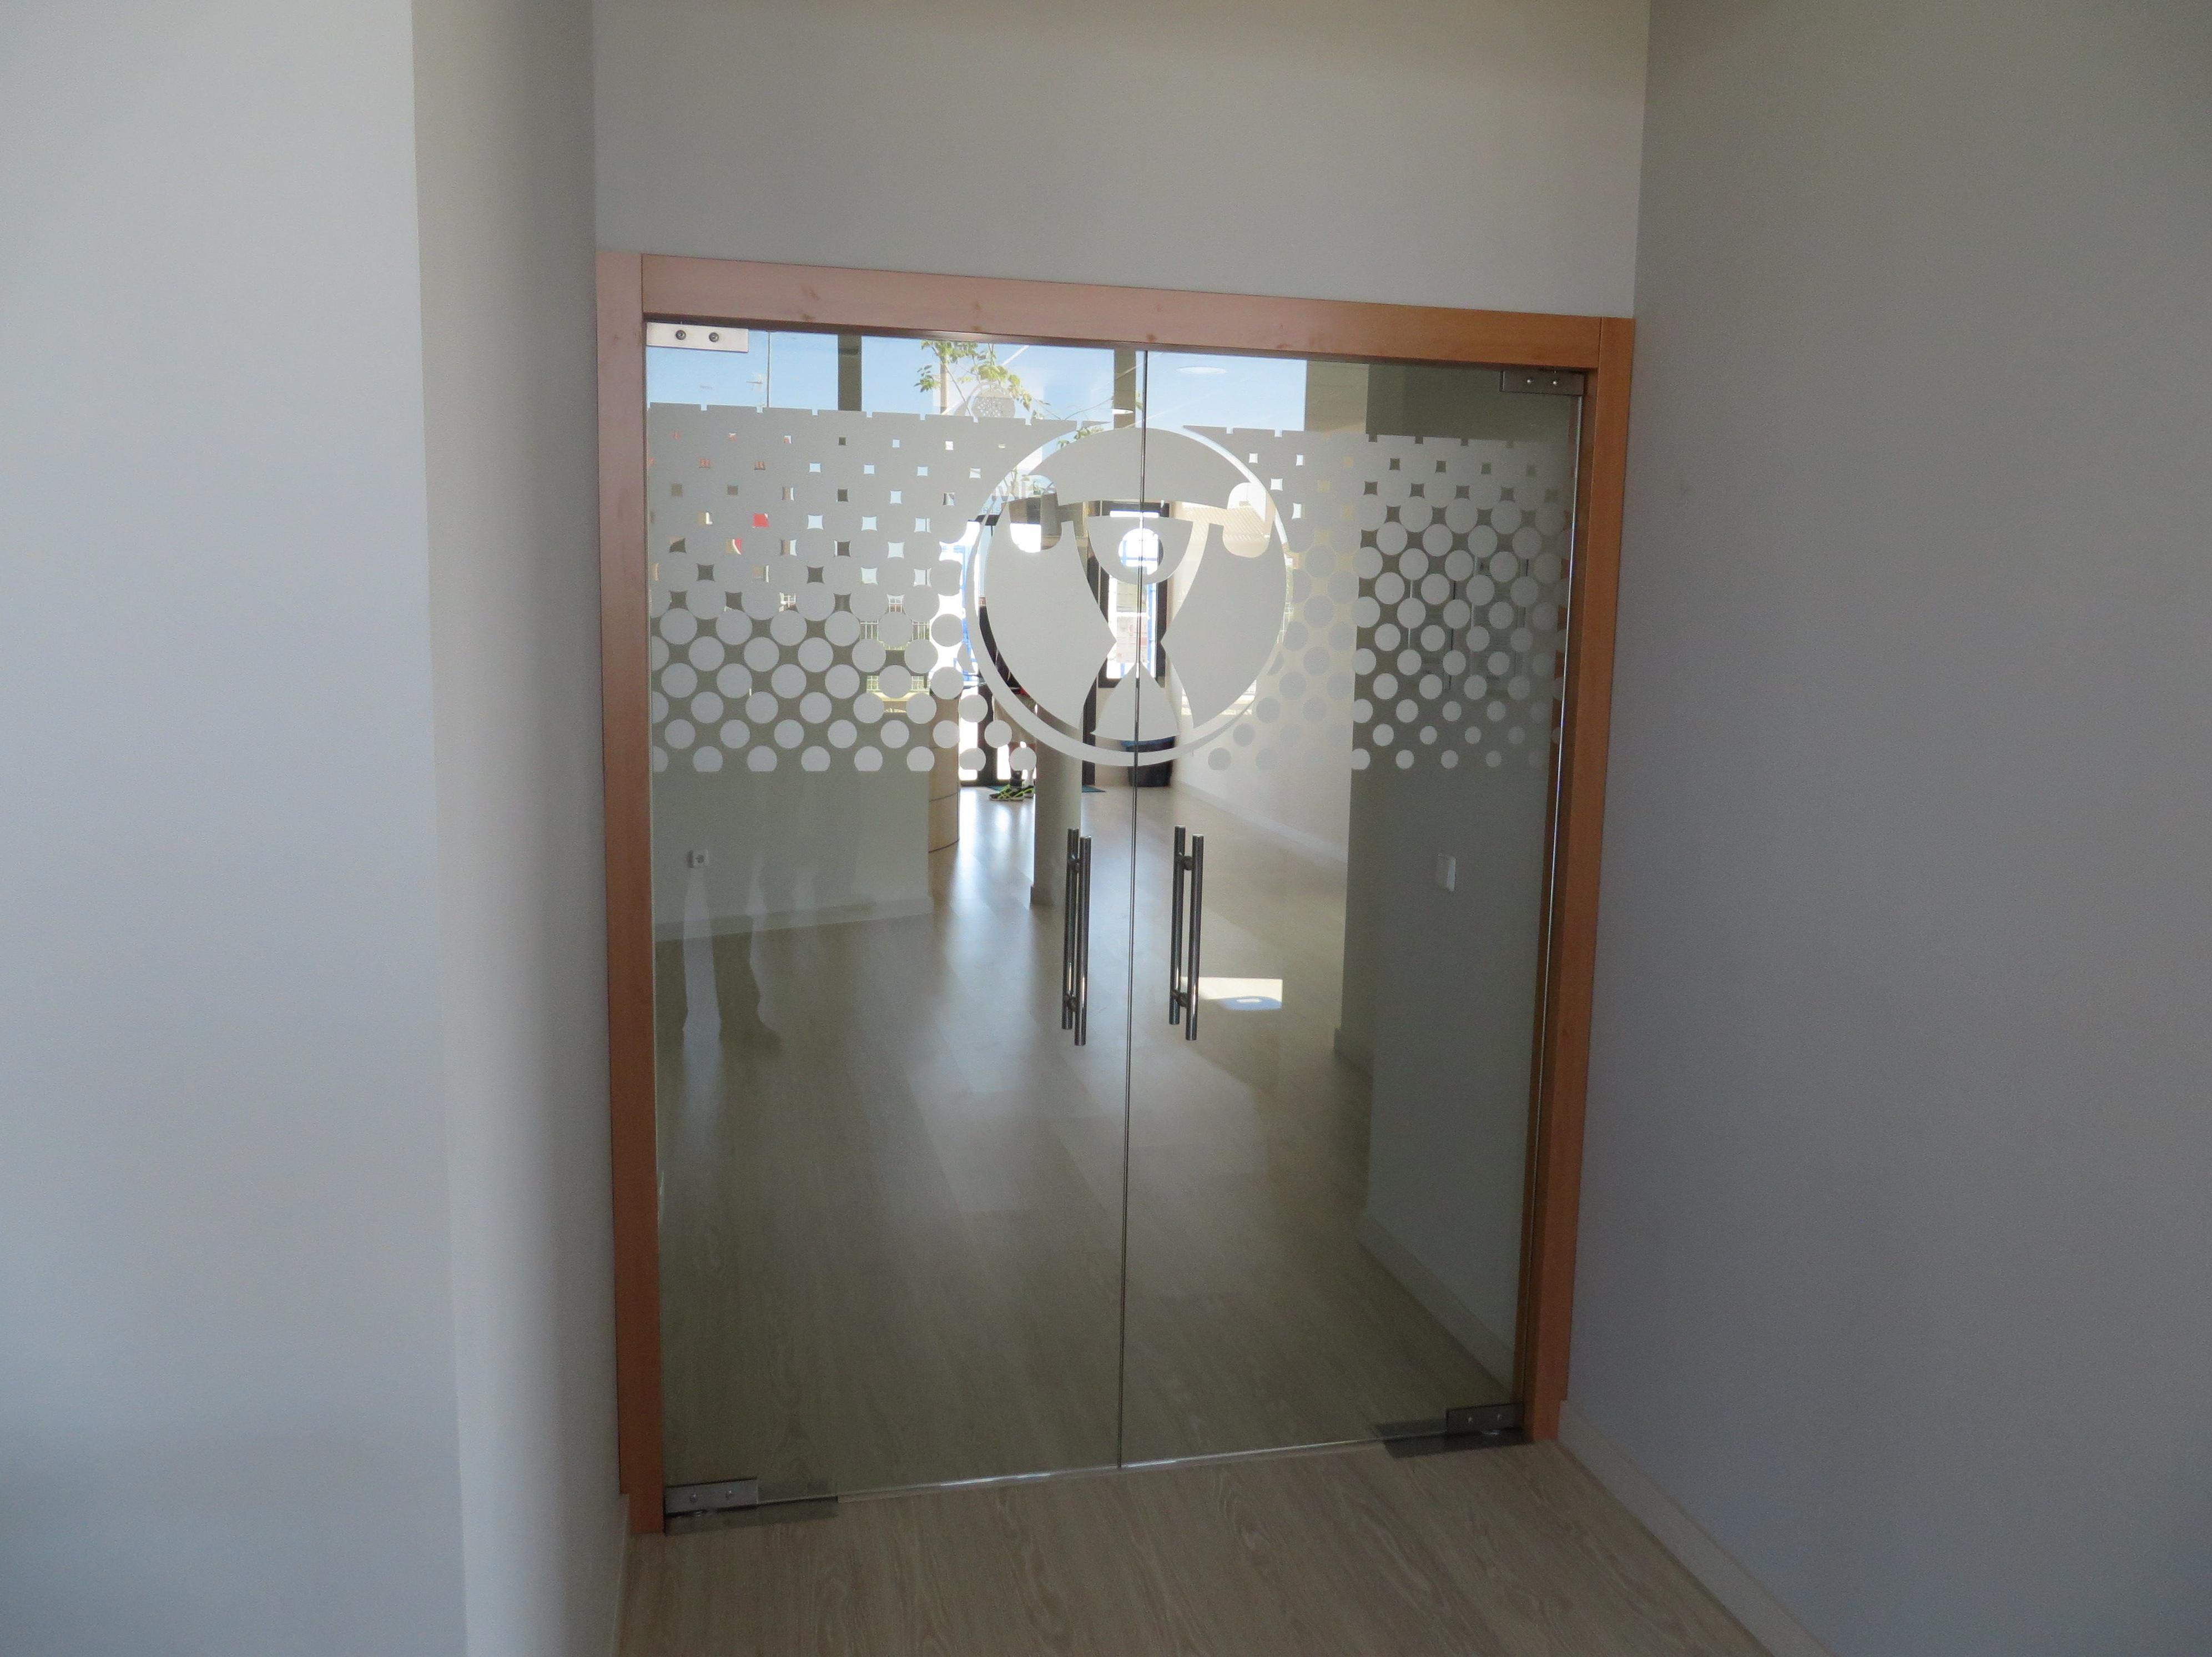 Puertas de cristal for Puertas de vidrio para interiores